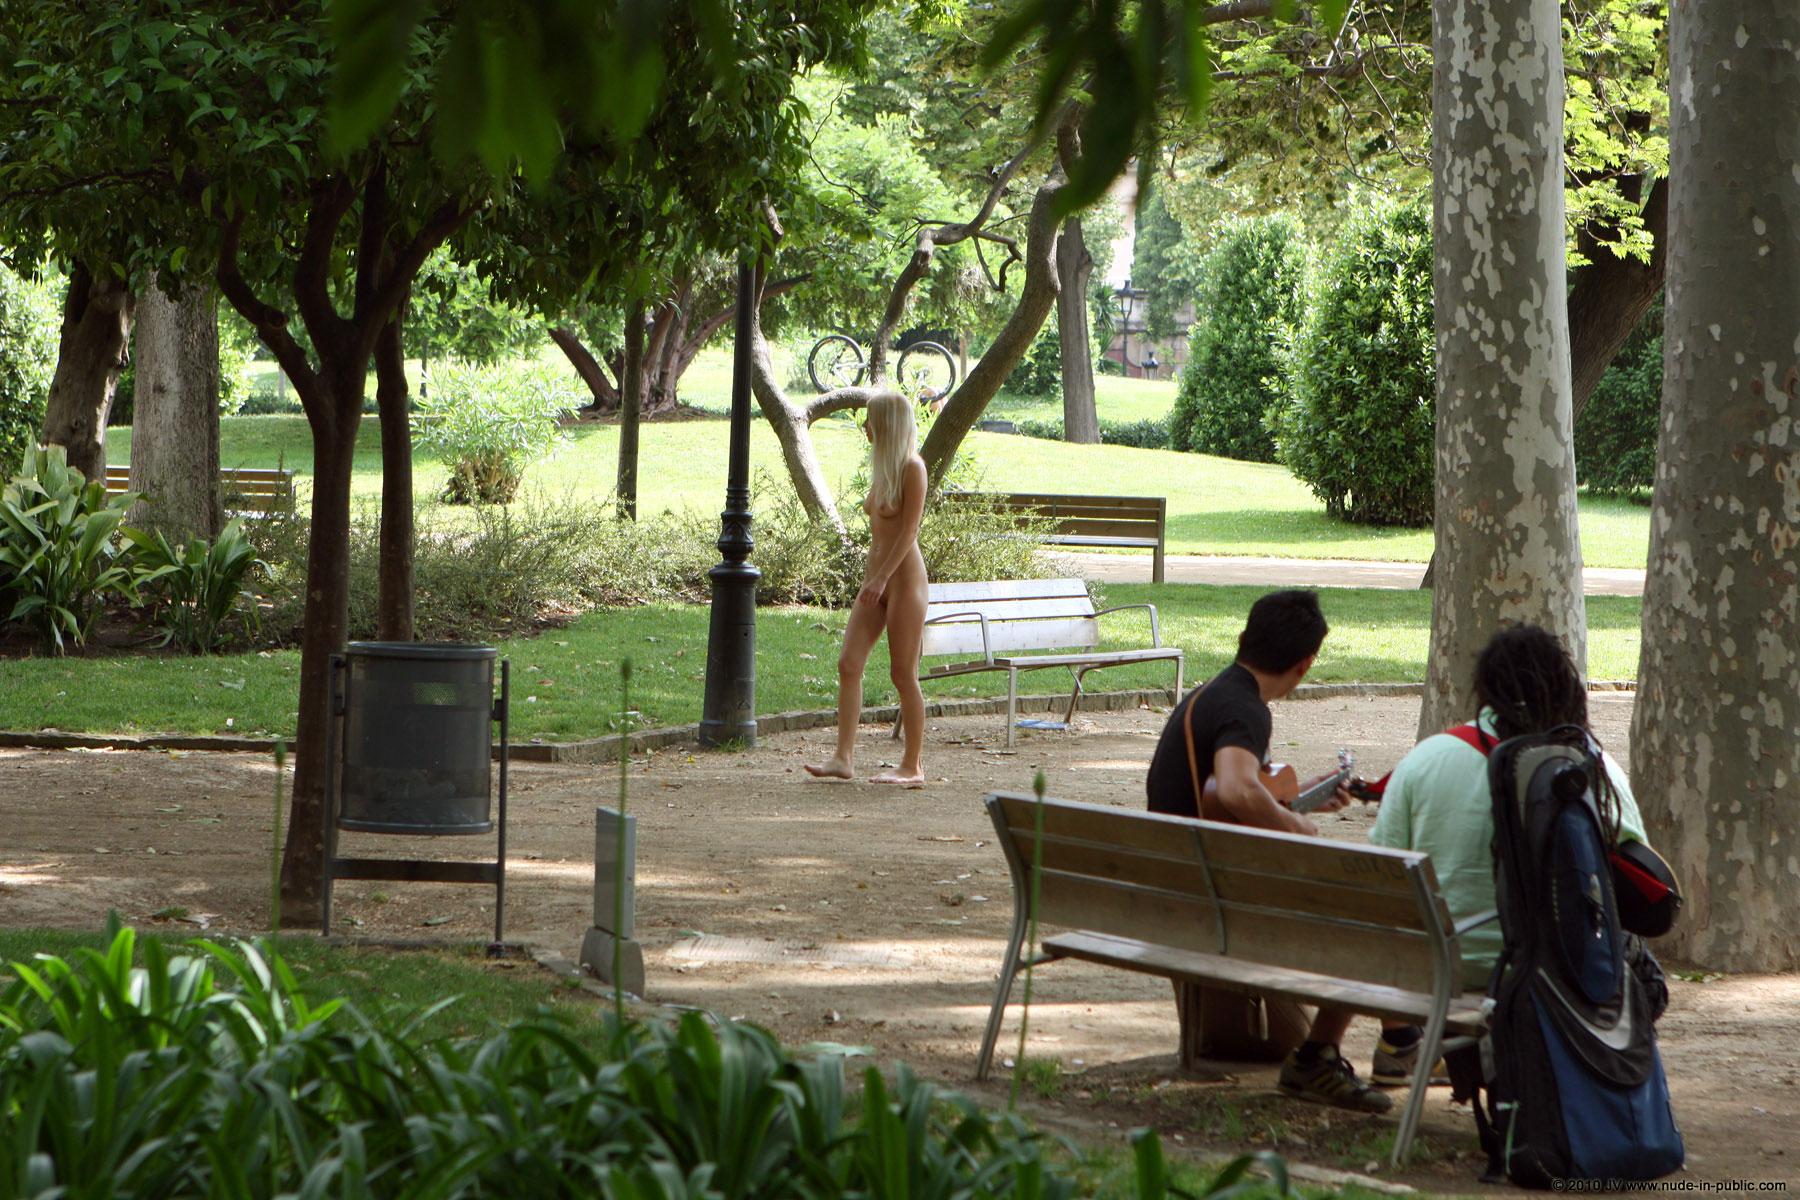 judita-blonde-naked-in-park-barcelona-public-08